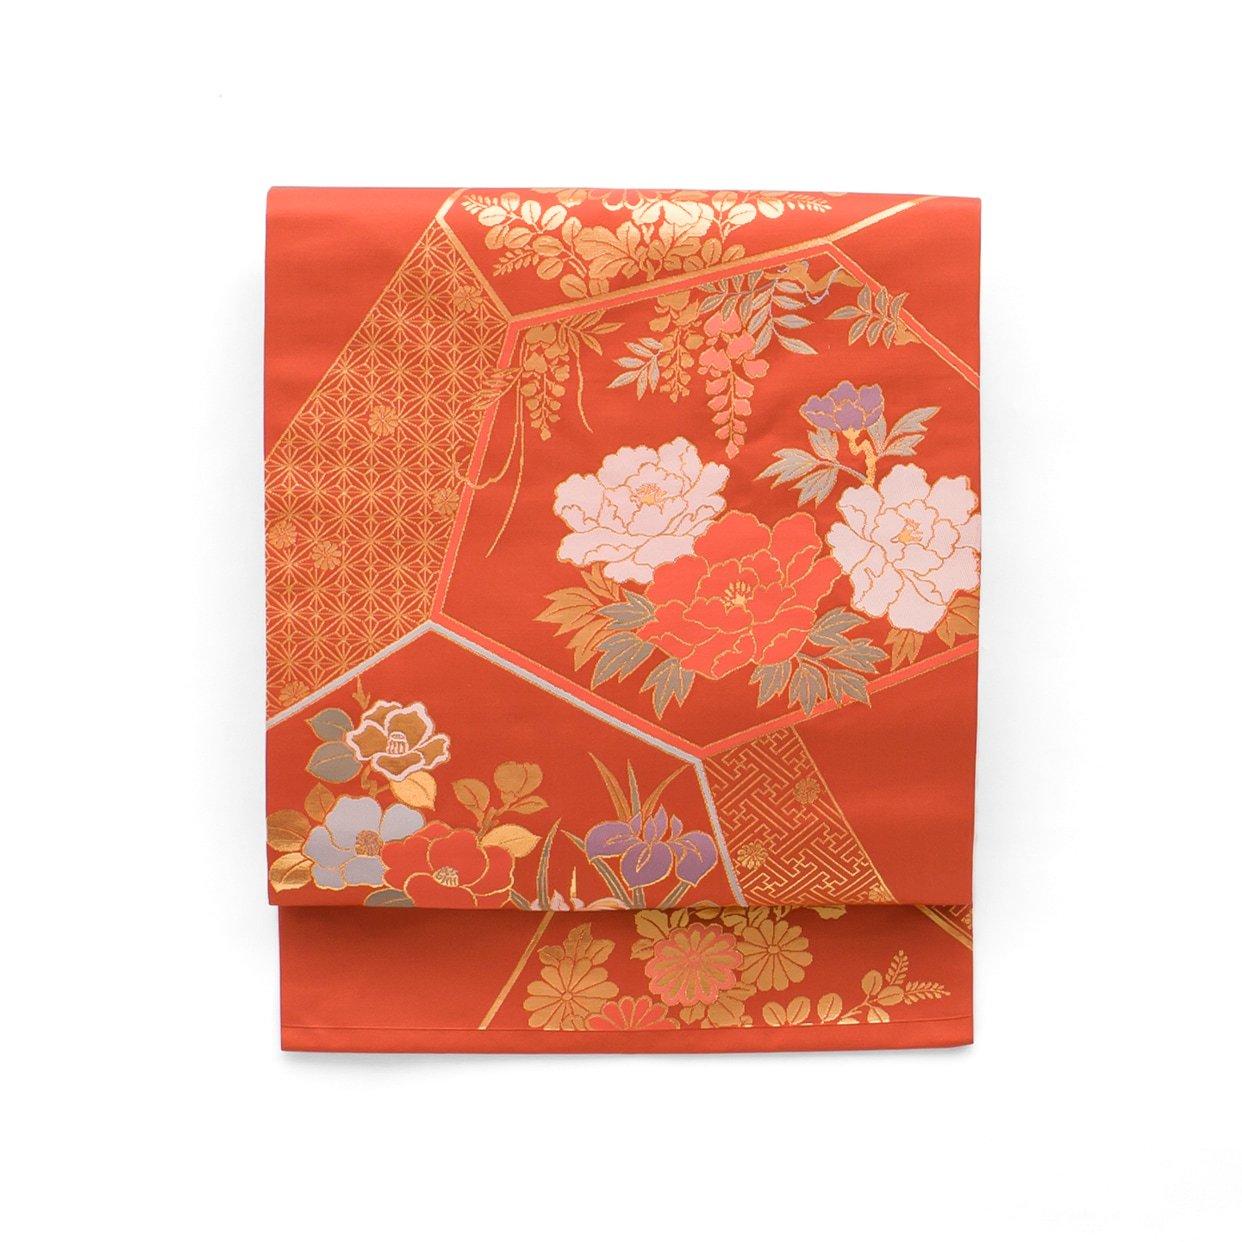 「赤茶地 牡丹 藤 菖蒲 椿など」の商品画像